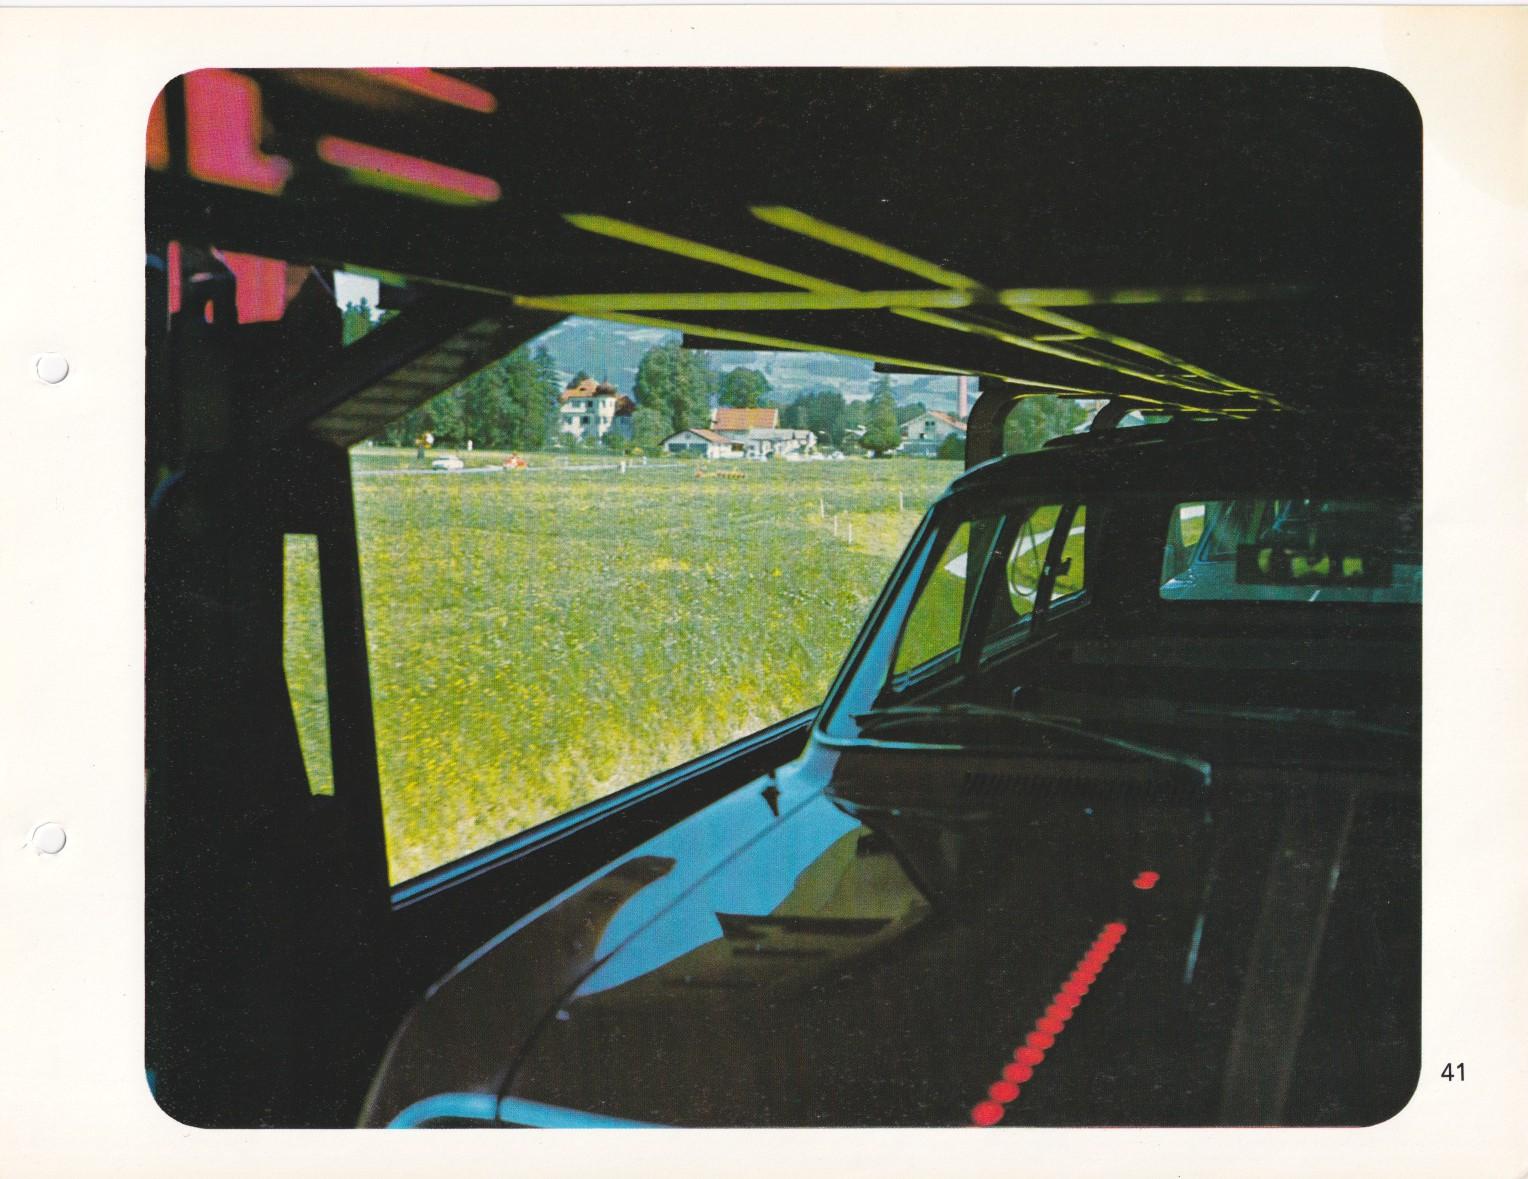 https://www.nullclub.de/hifo/Fahrzeuglexikon/Wagen41.jpg